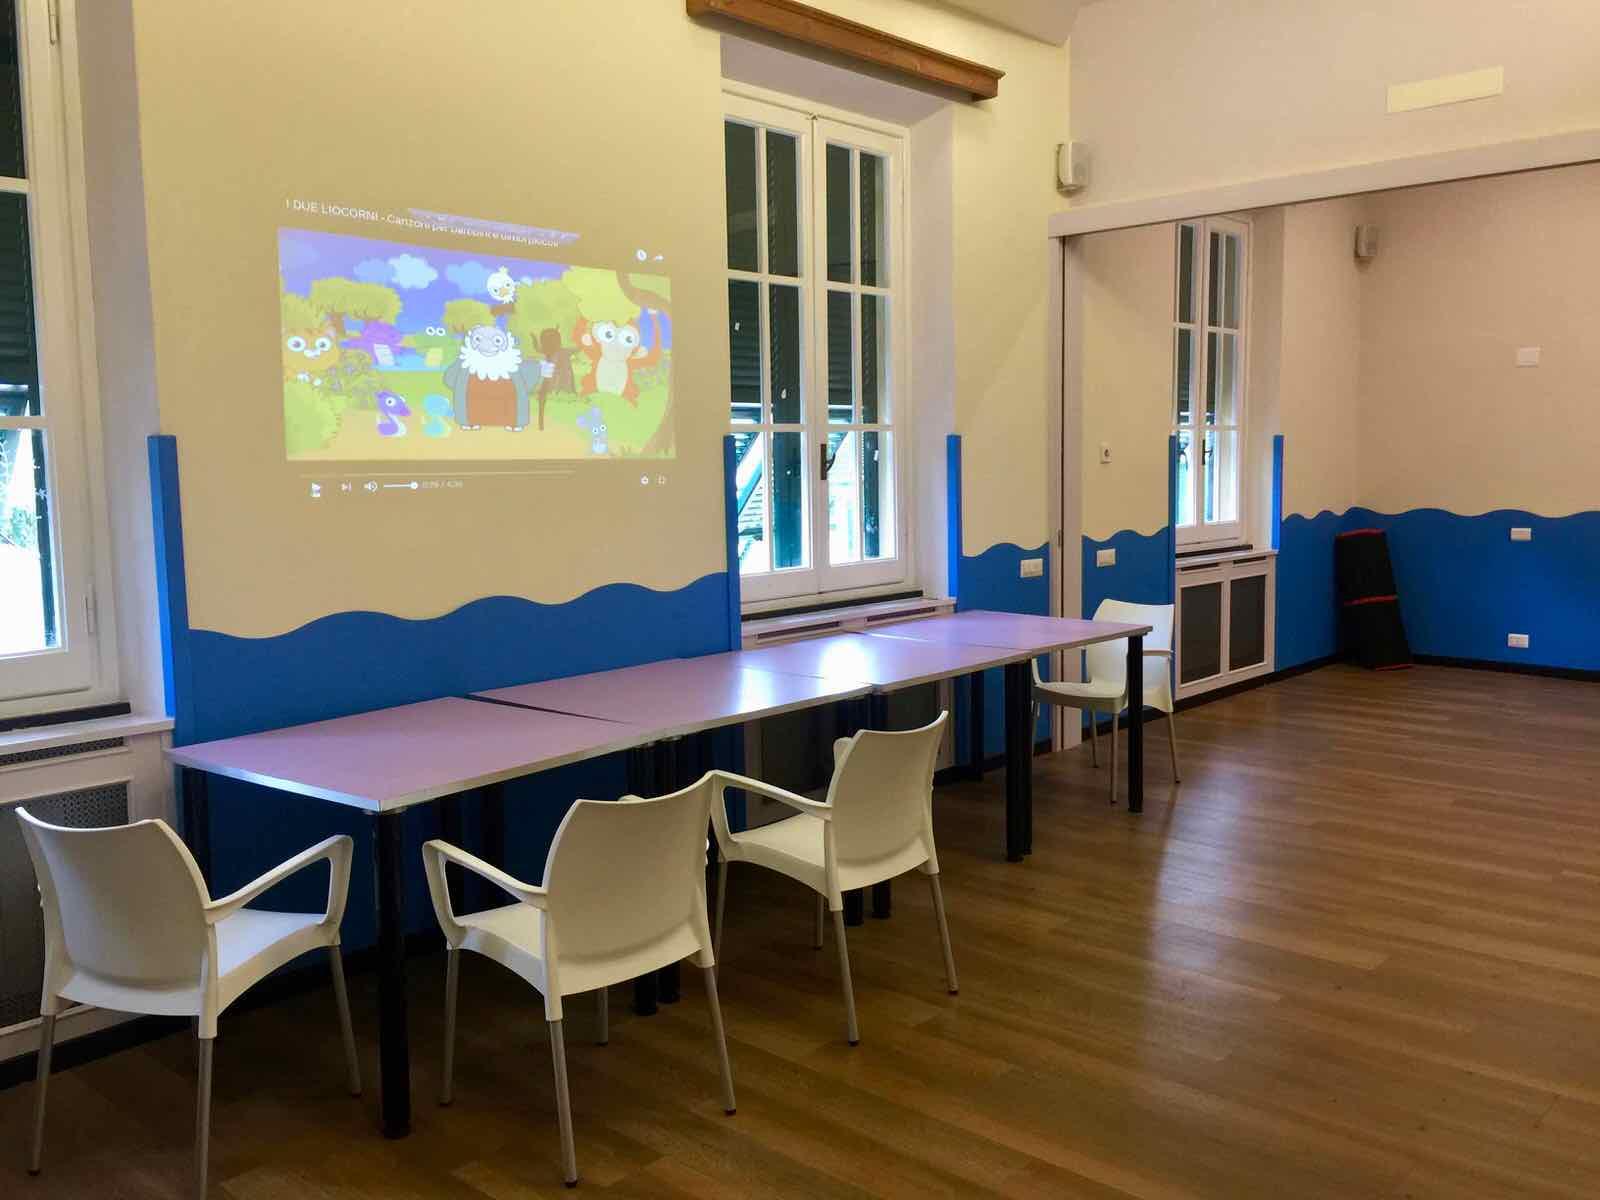 Stunning Centro Negri Arredamenti Gallery - Idee Arredamento Casa ...